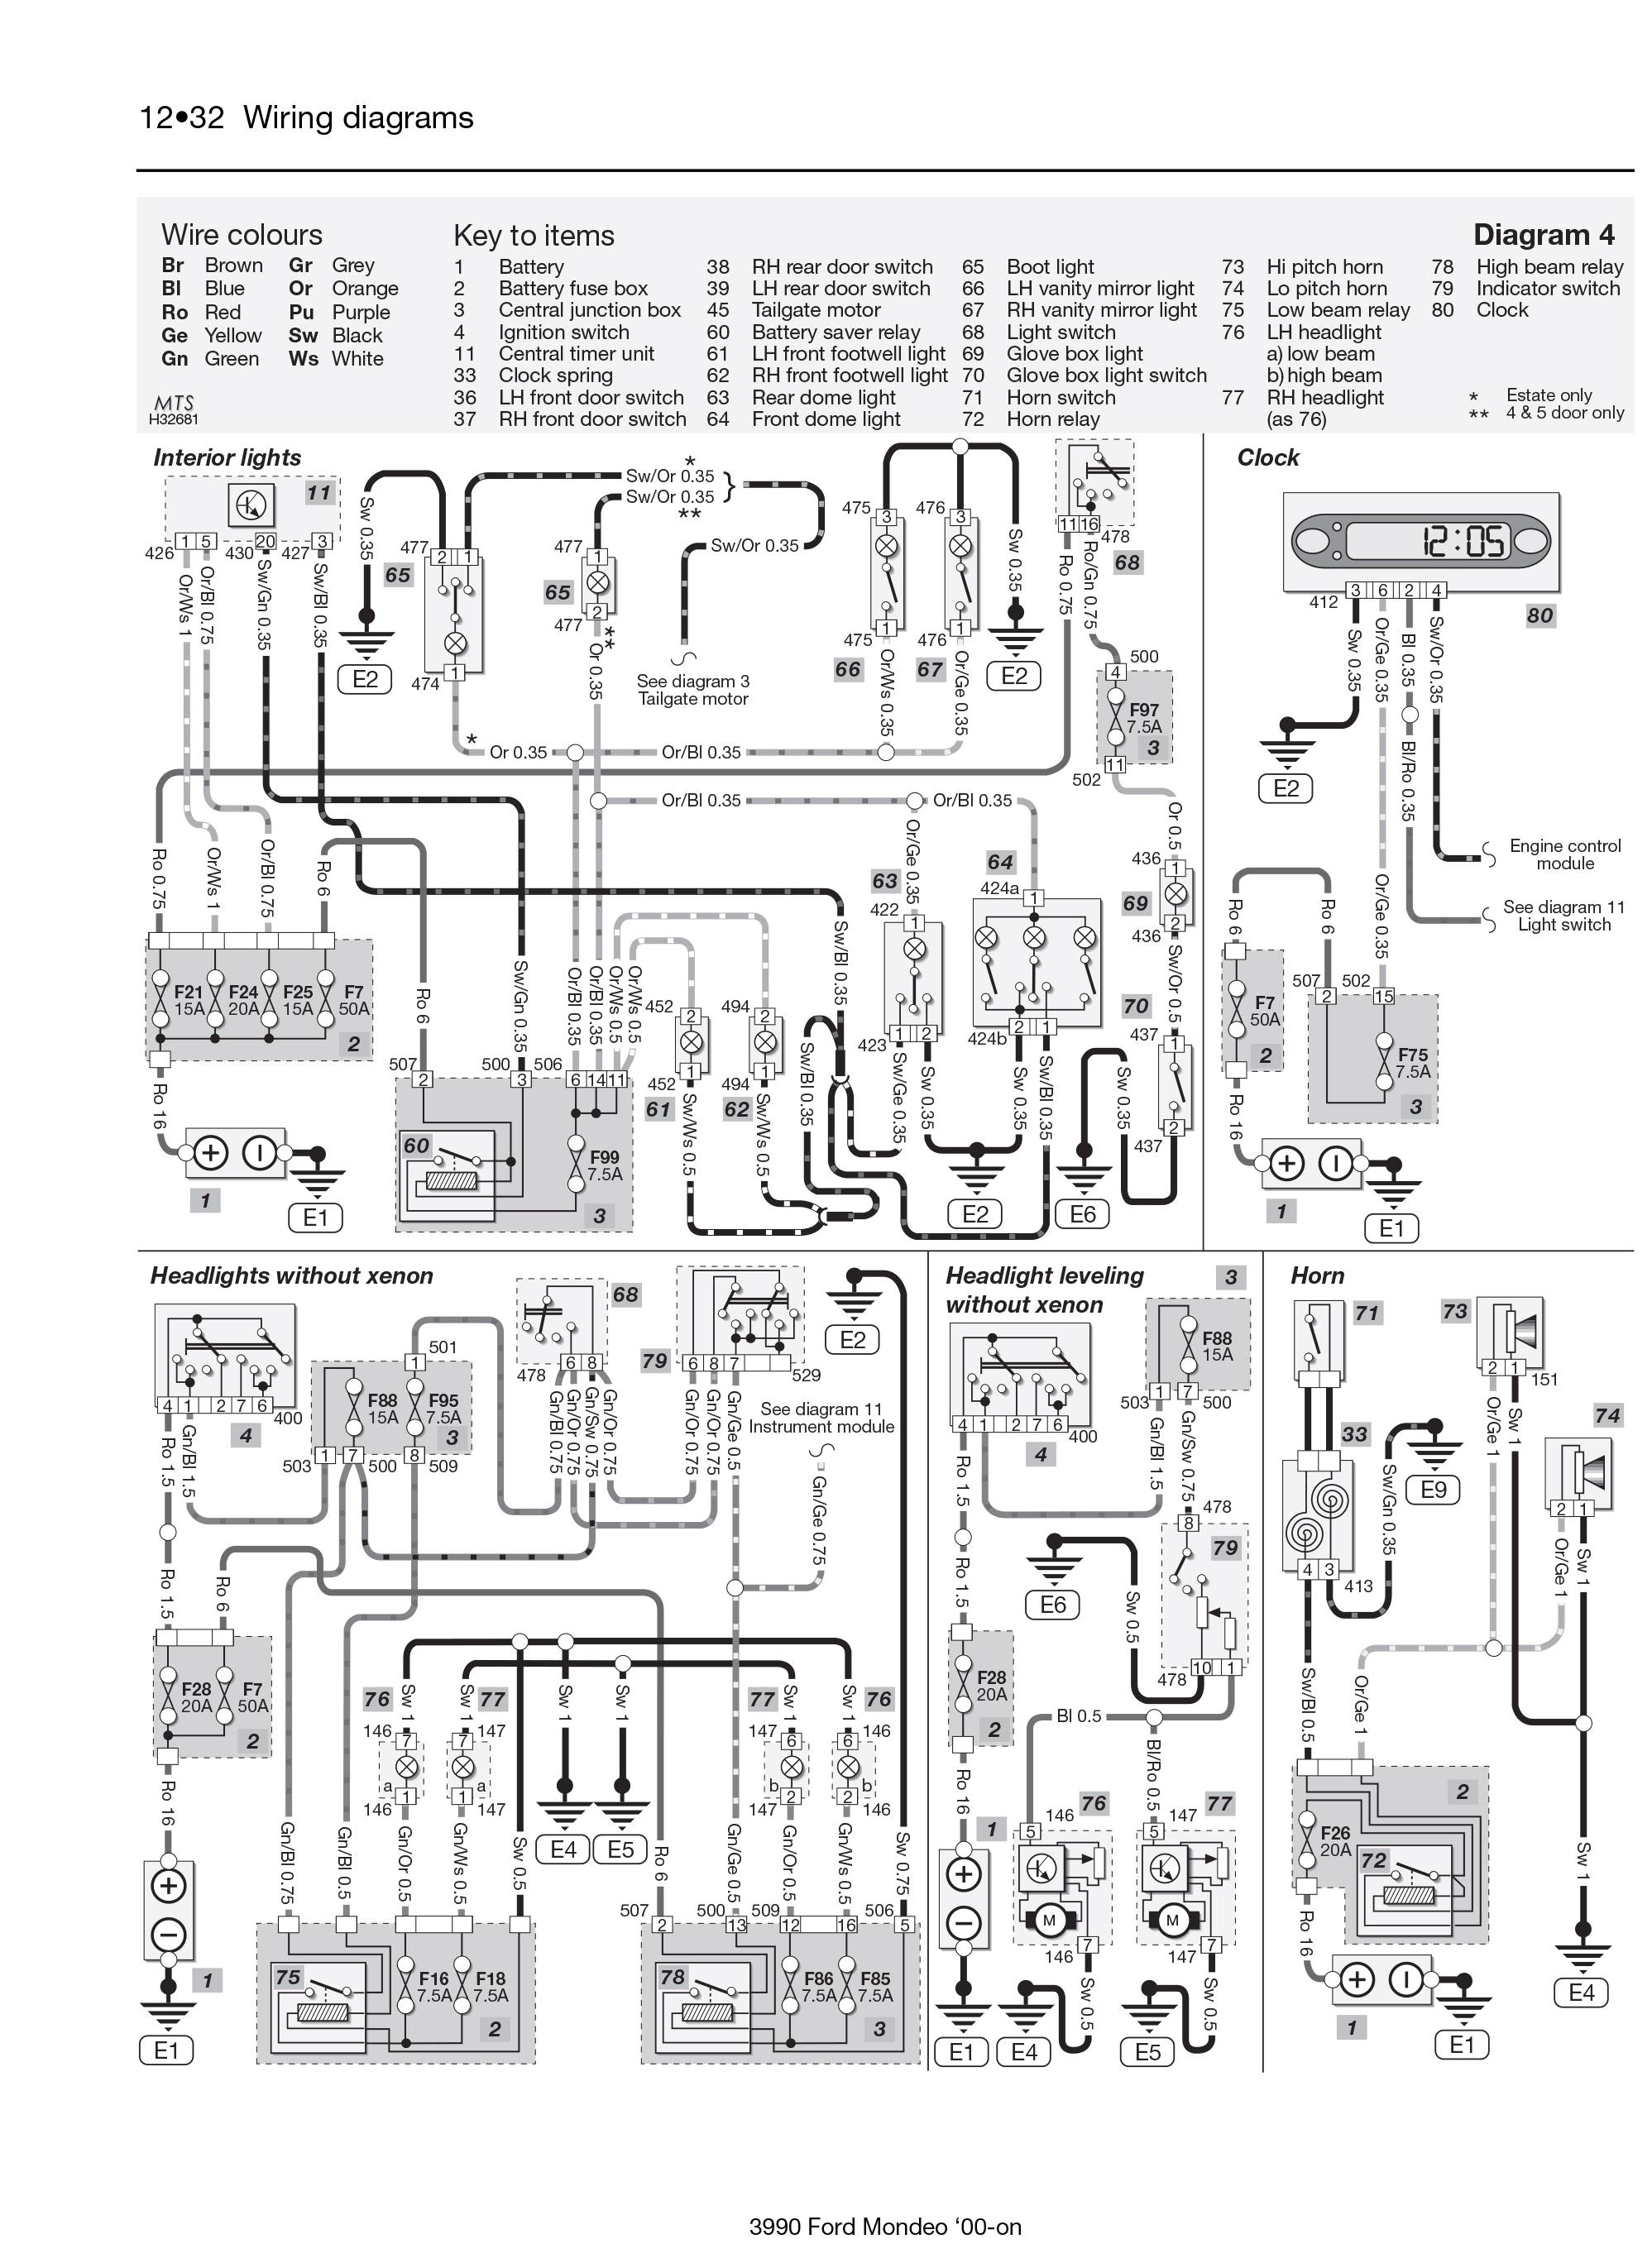 mondeo wiring diagram wiring diagram img mondeo wiring diagram mk3 mondeo wiring diagram